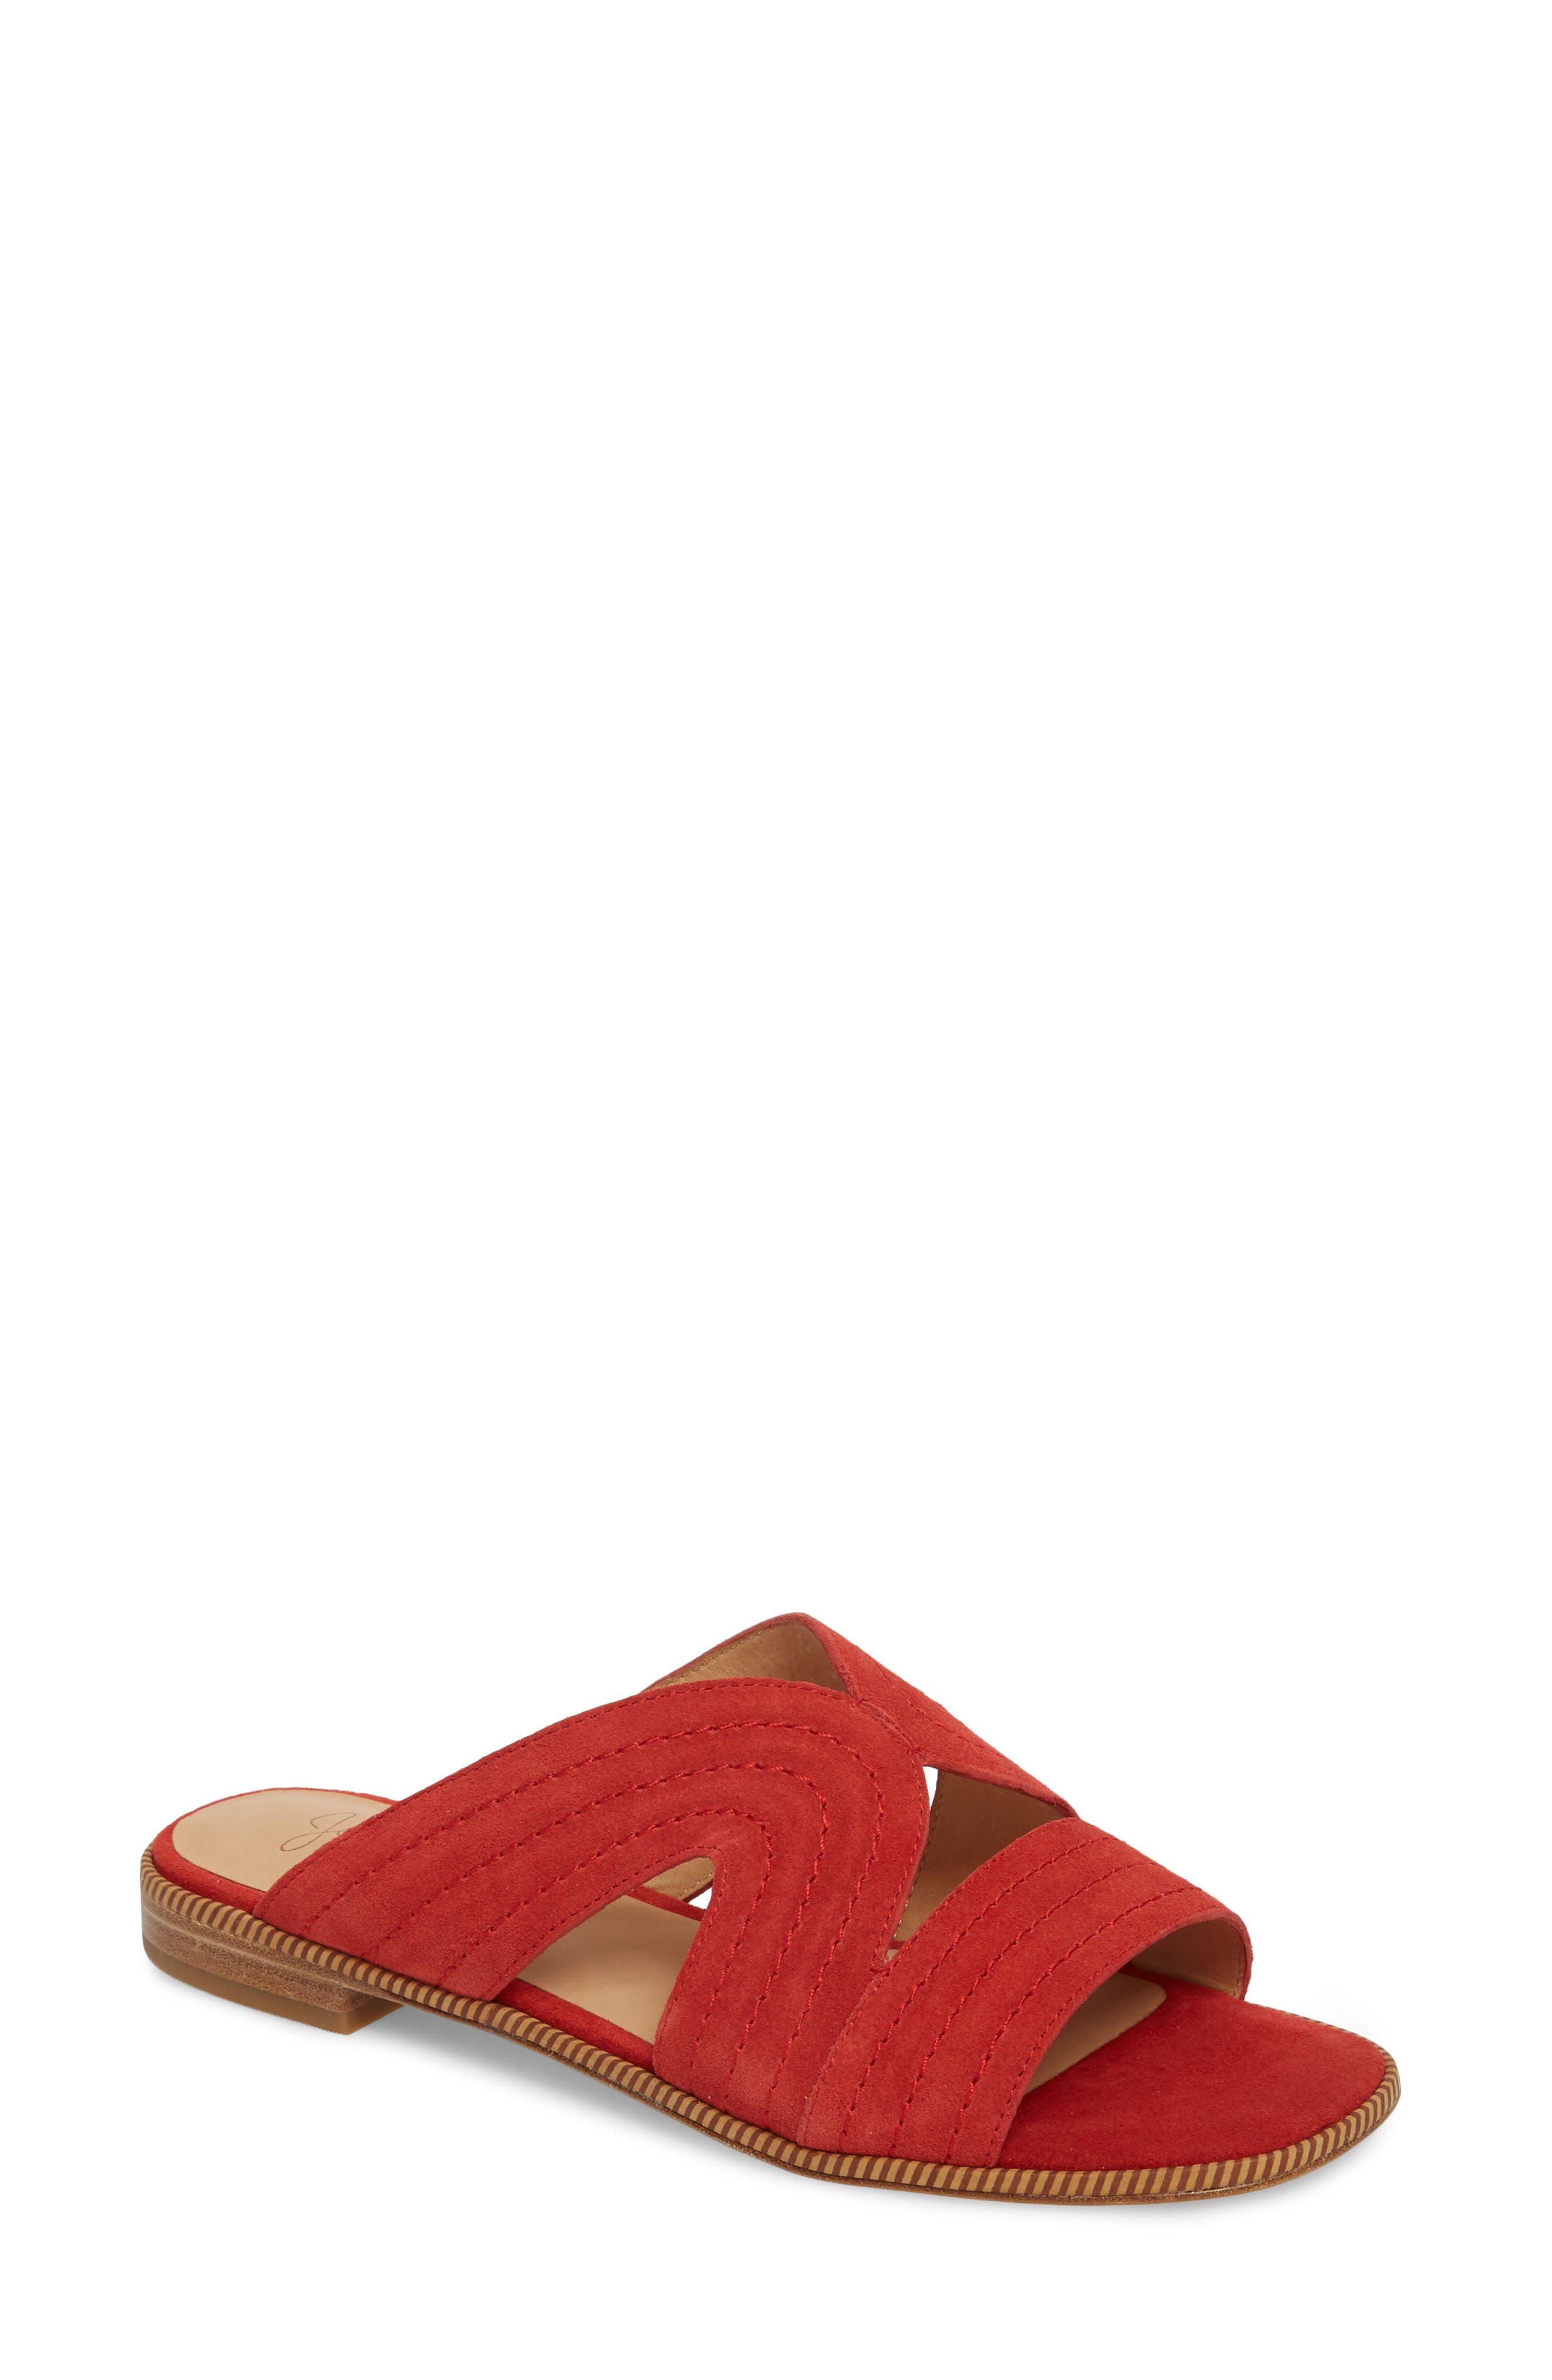 Paetyn Slide Sandal,                             Main thumbnail 2, color,